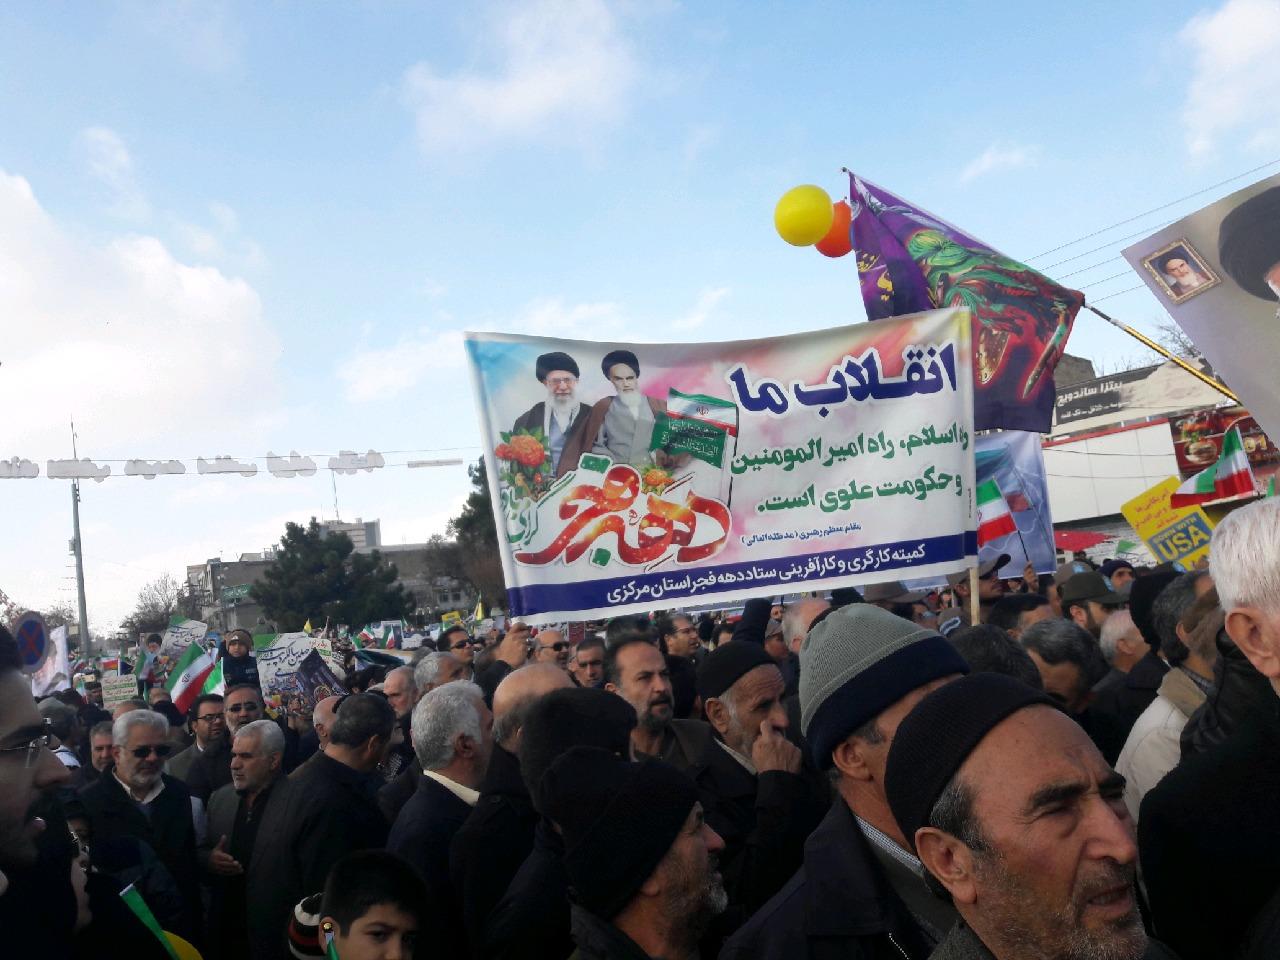 جلوه ایستادگی و وفاداری مردم استان مرکزی در راهپیمایی ۲۲ بهمن  + تصاویر۹۷